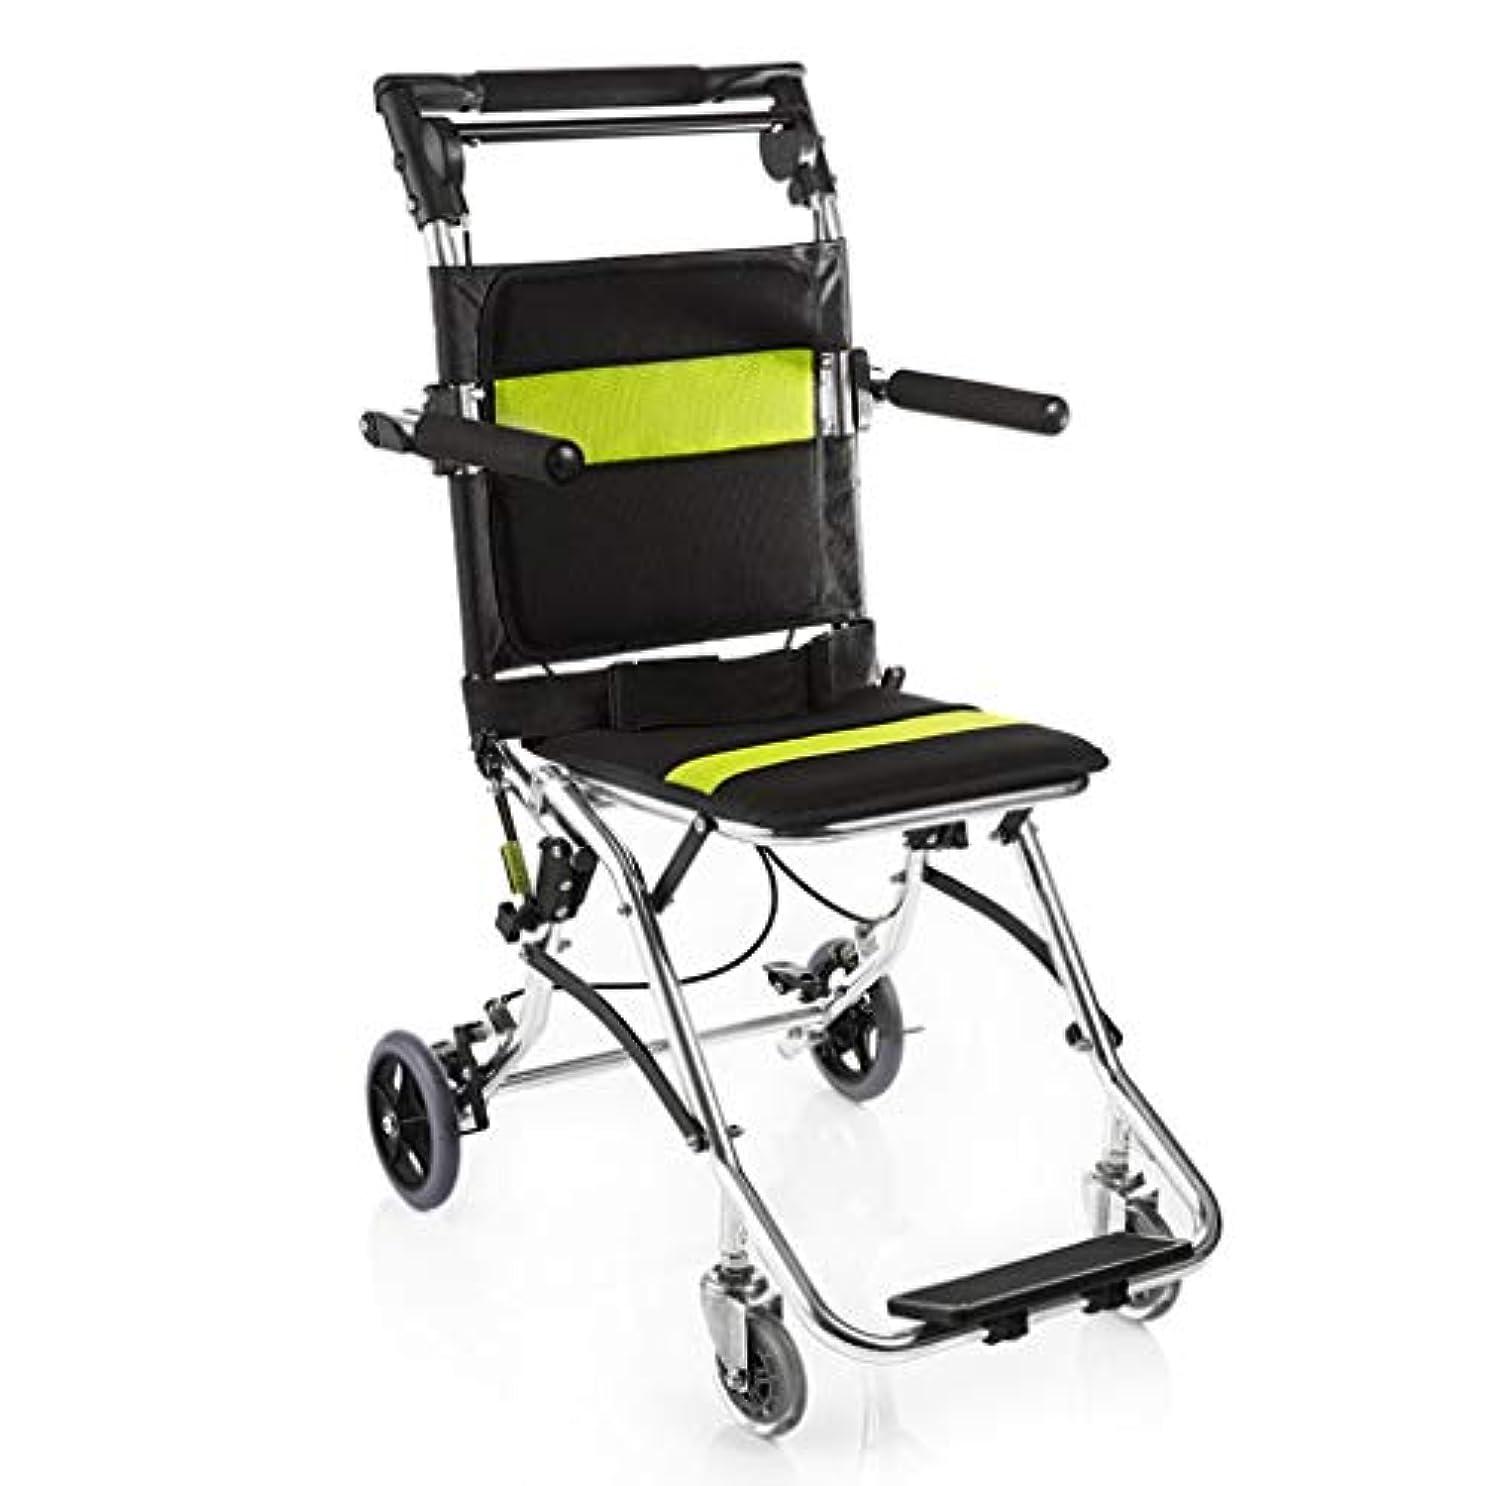 である悲しいことに凍った高齢者の子供用屋外トロリー用車椅子折りたたみ式超軽量アルミニウム合金